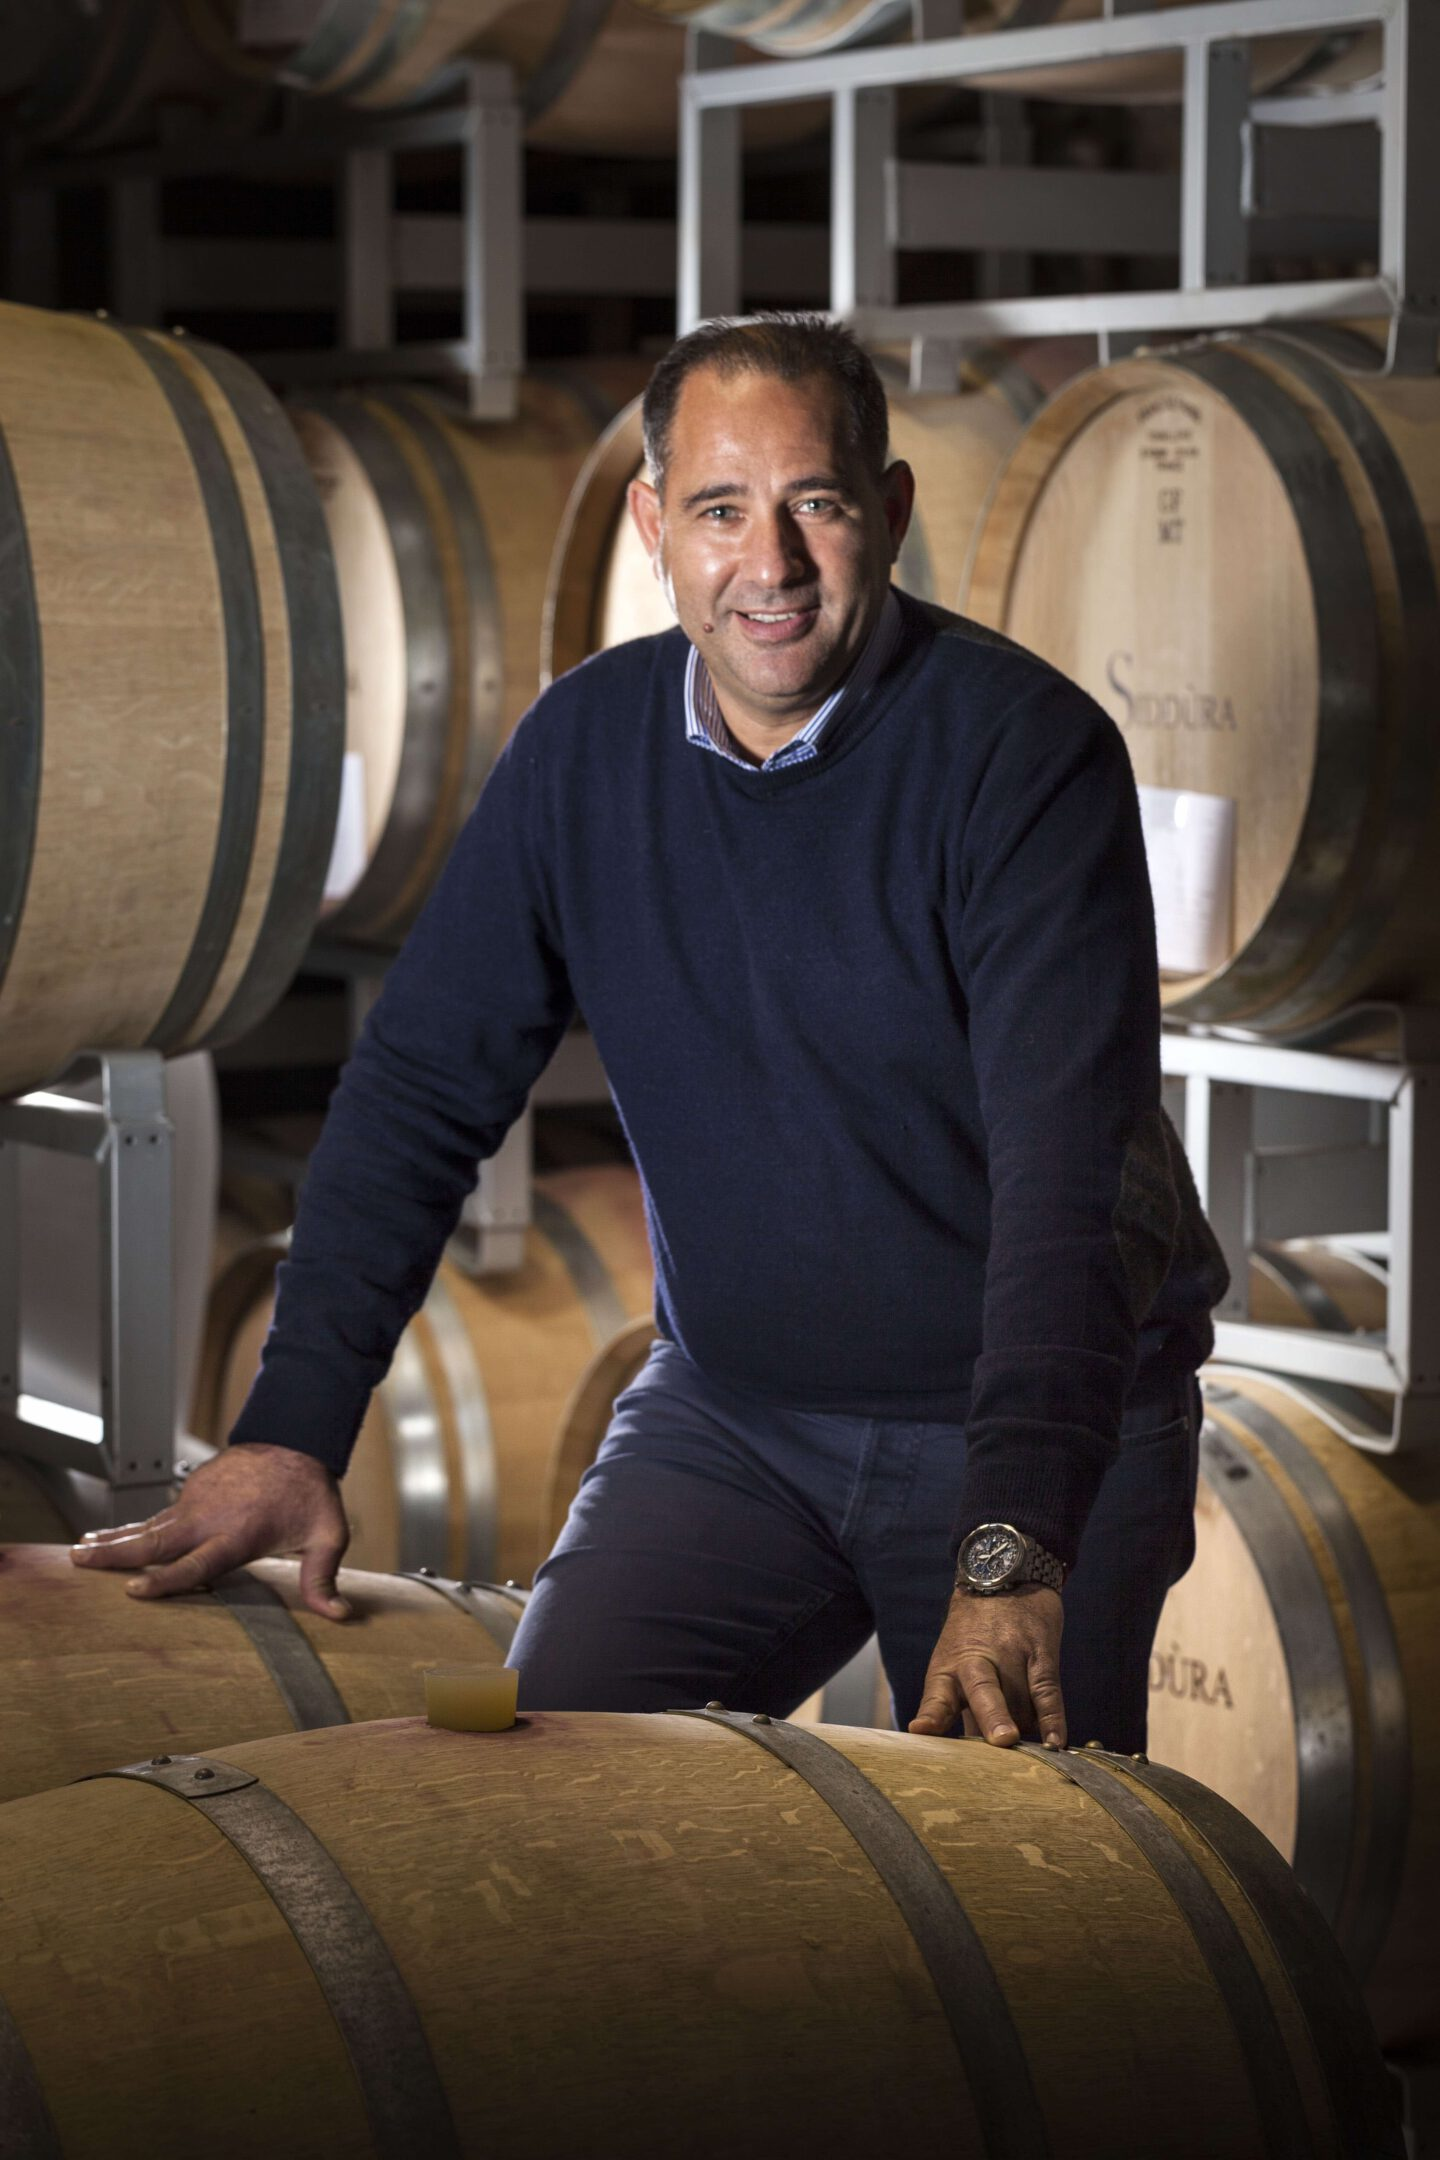 Siddura Massimo Ruggero Gutsdirektor wine wein gentlemens journey weinkafsliste Wein-Geheimtipps